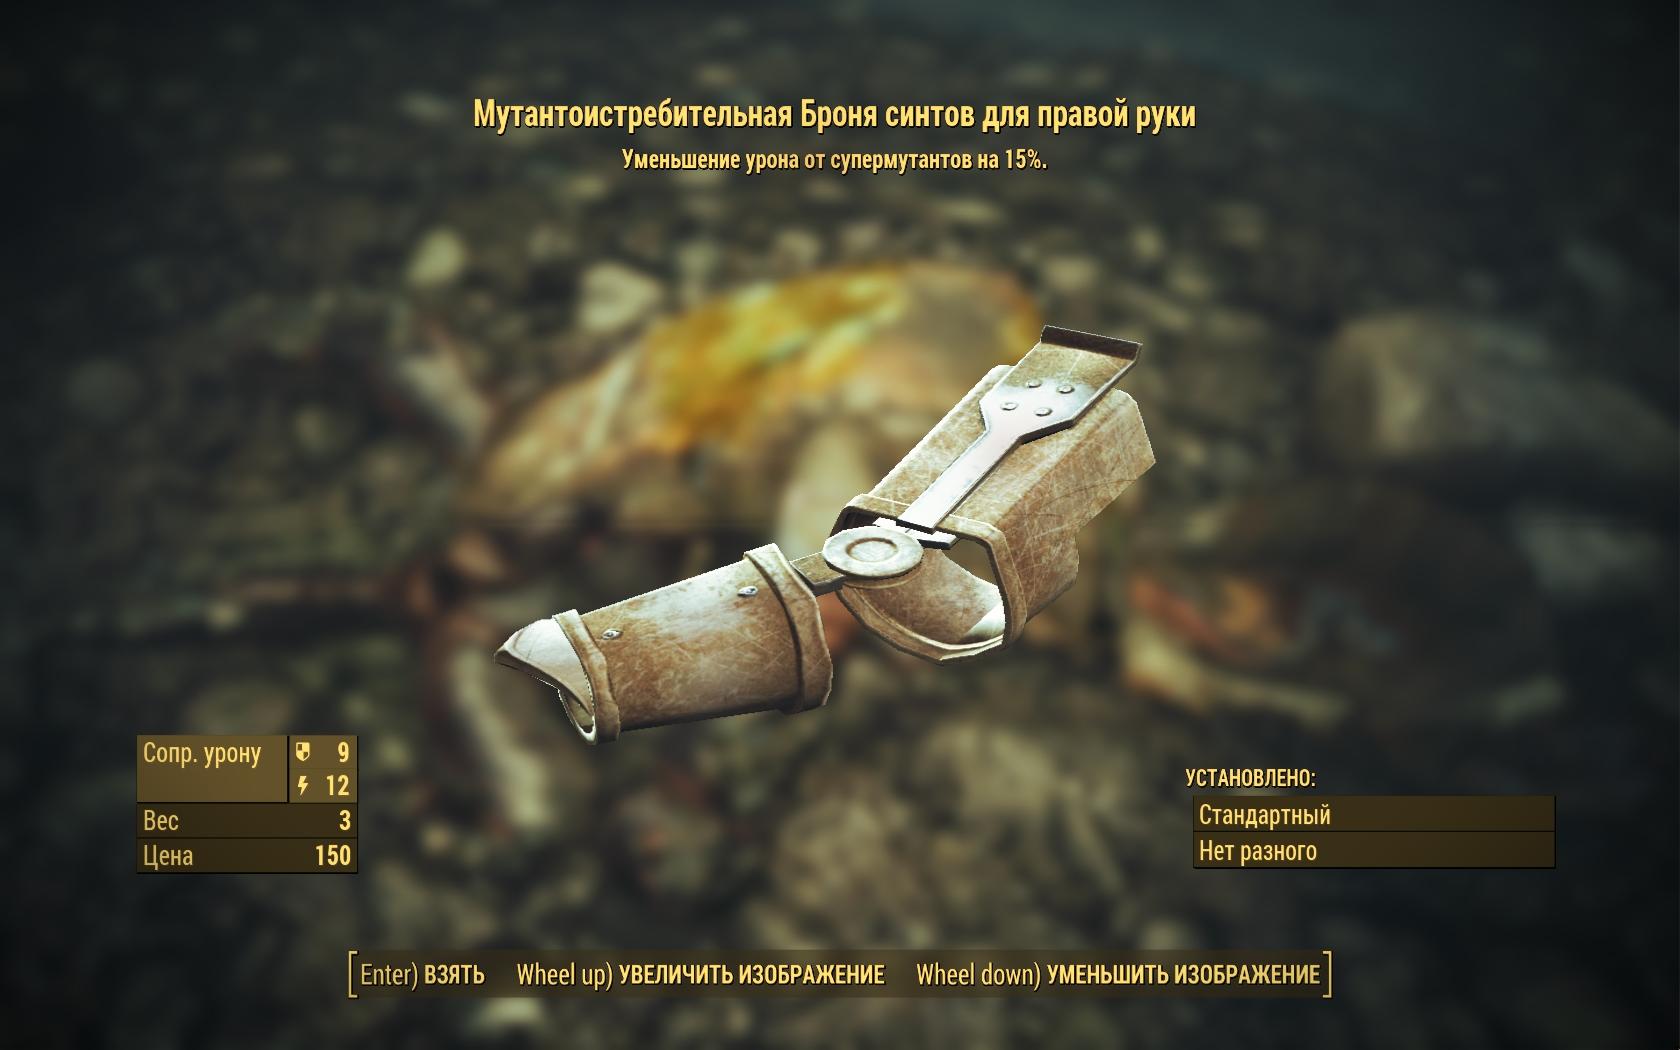 Мутантоистребительная броня синтов для правой руки - Fallout 4 броня, Мутантоистребительная, Одежда